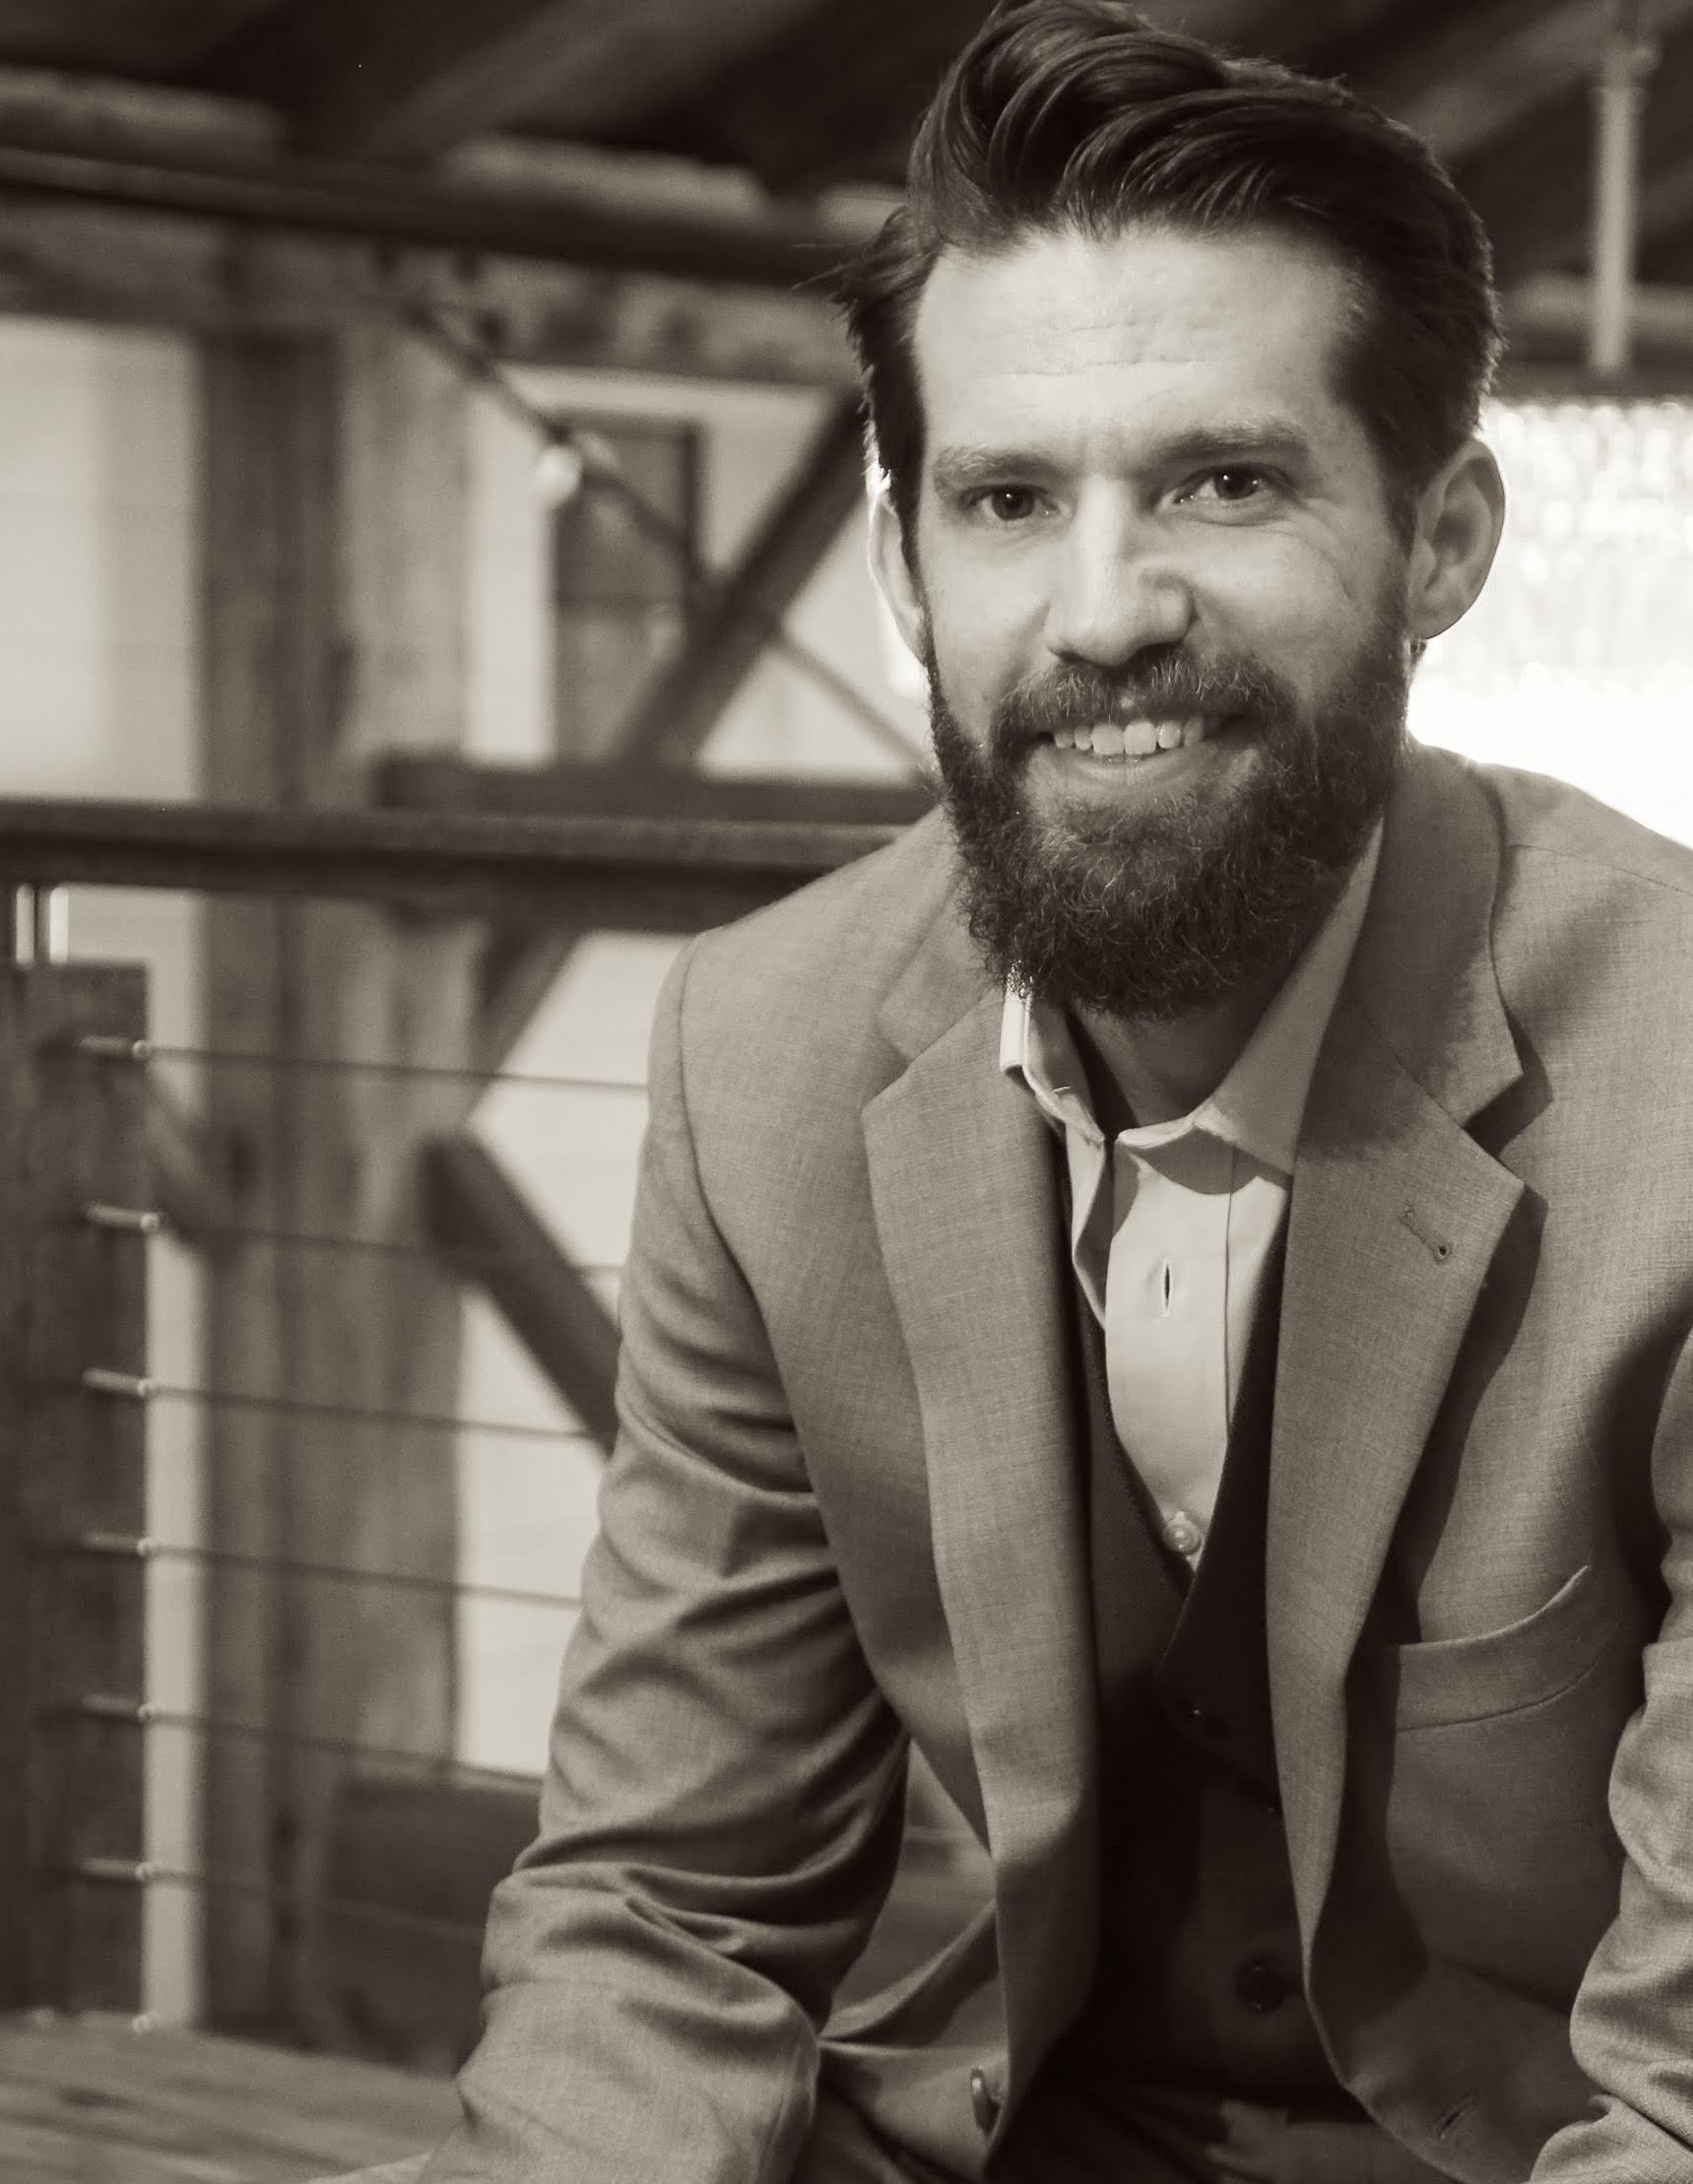 Brandon Wozniewicz